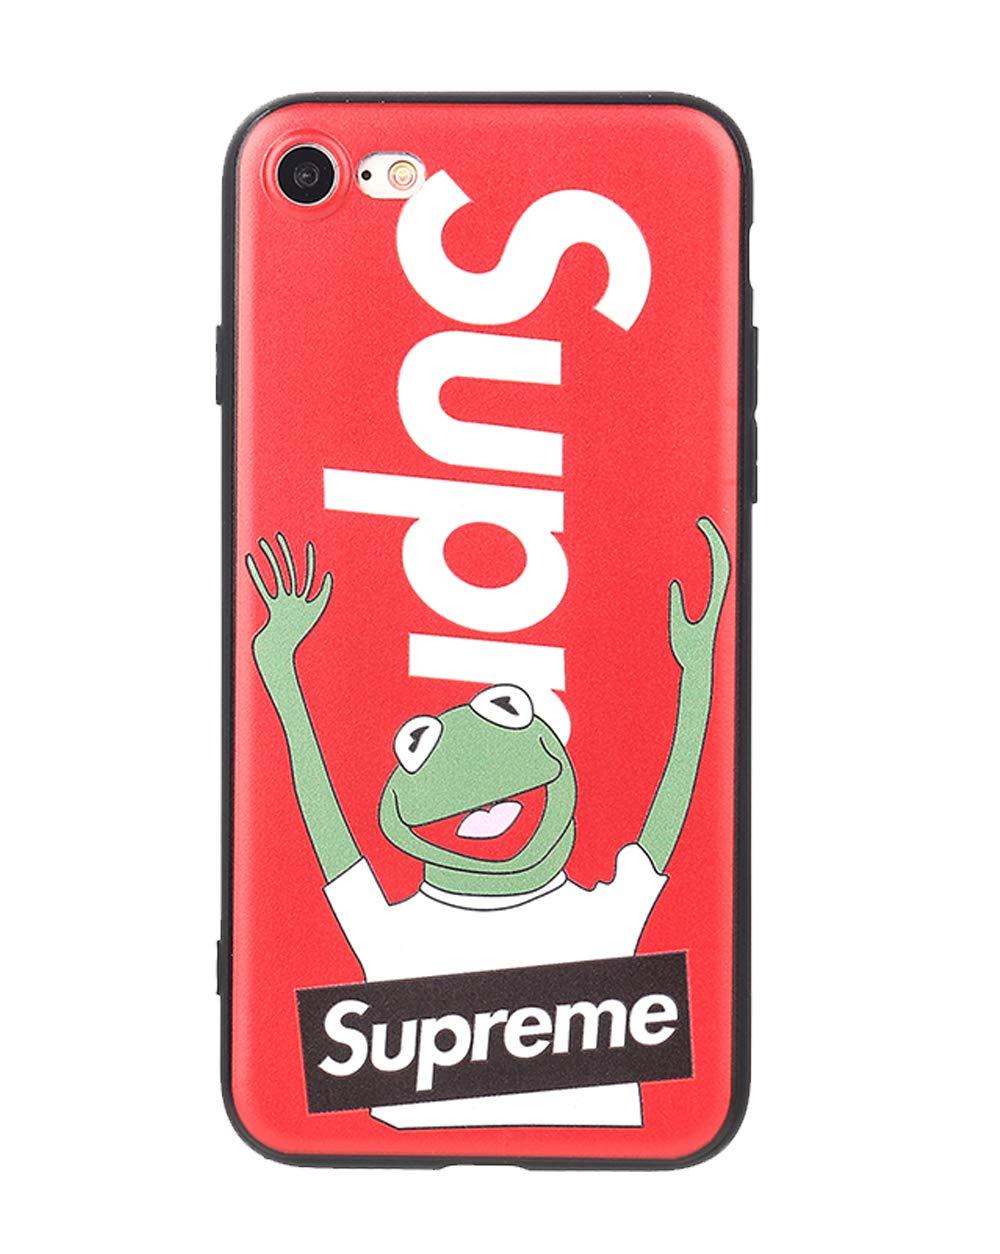 Compatible con el iPhone de Apple X, Rojo 70s up Sup Frog Case Supreme x Kermit con la Portada de la Rana Sentir la Portada con Motivos 3D s/ólido